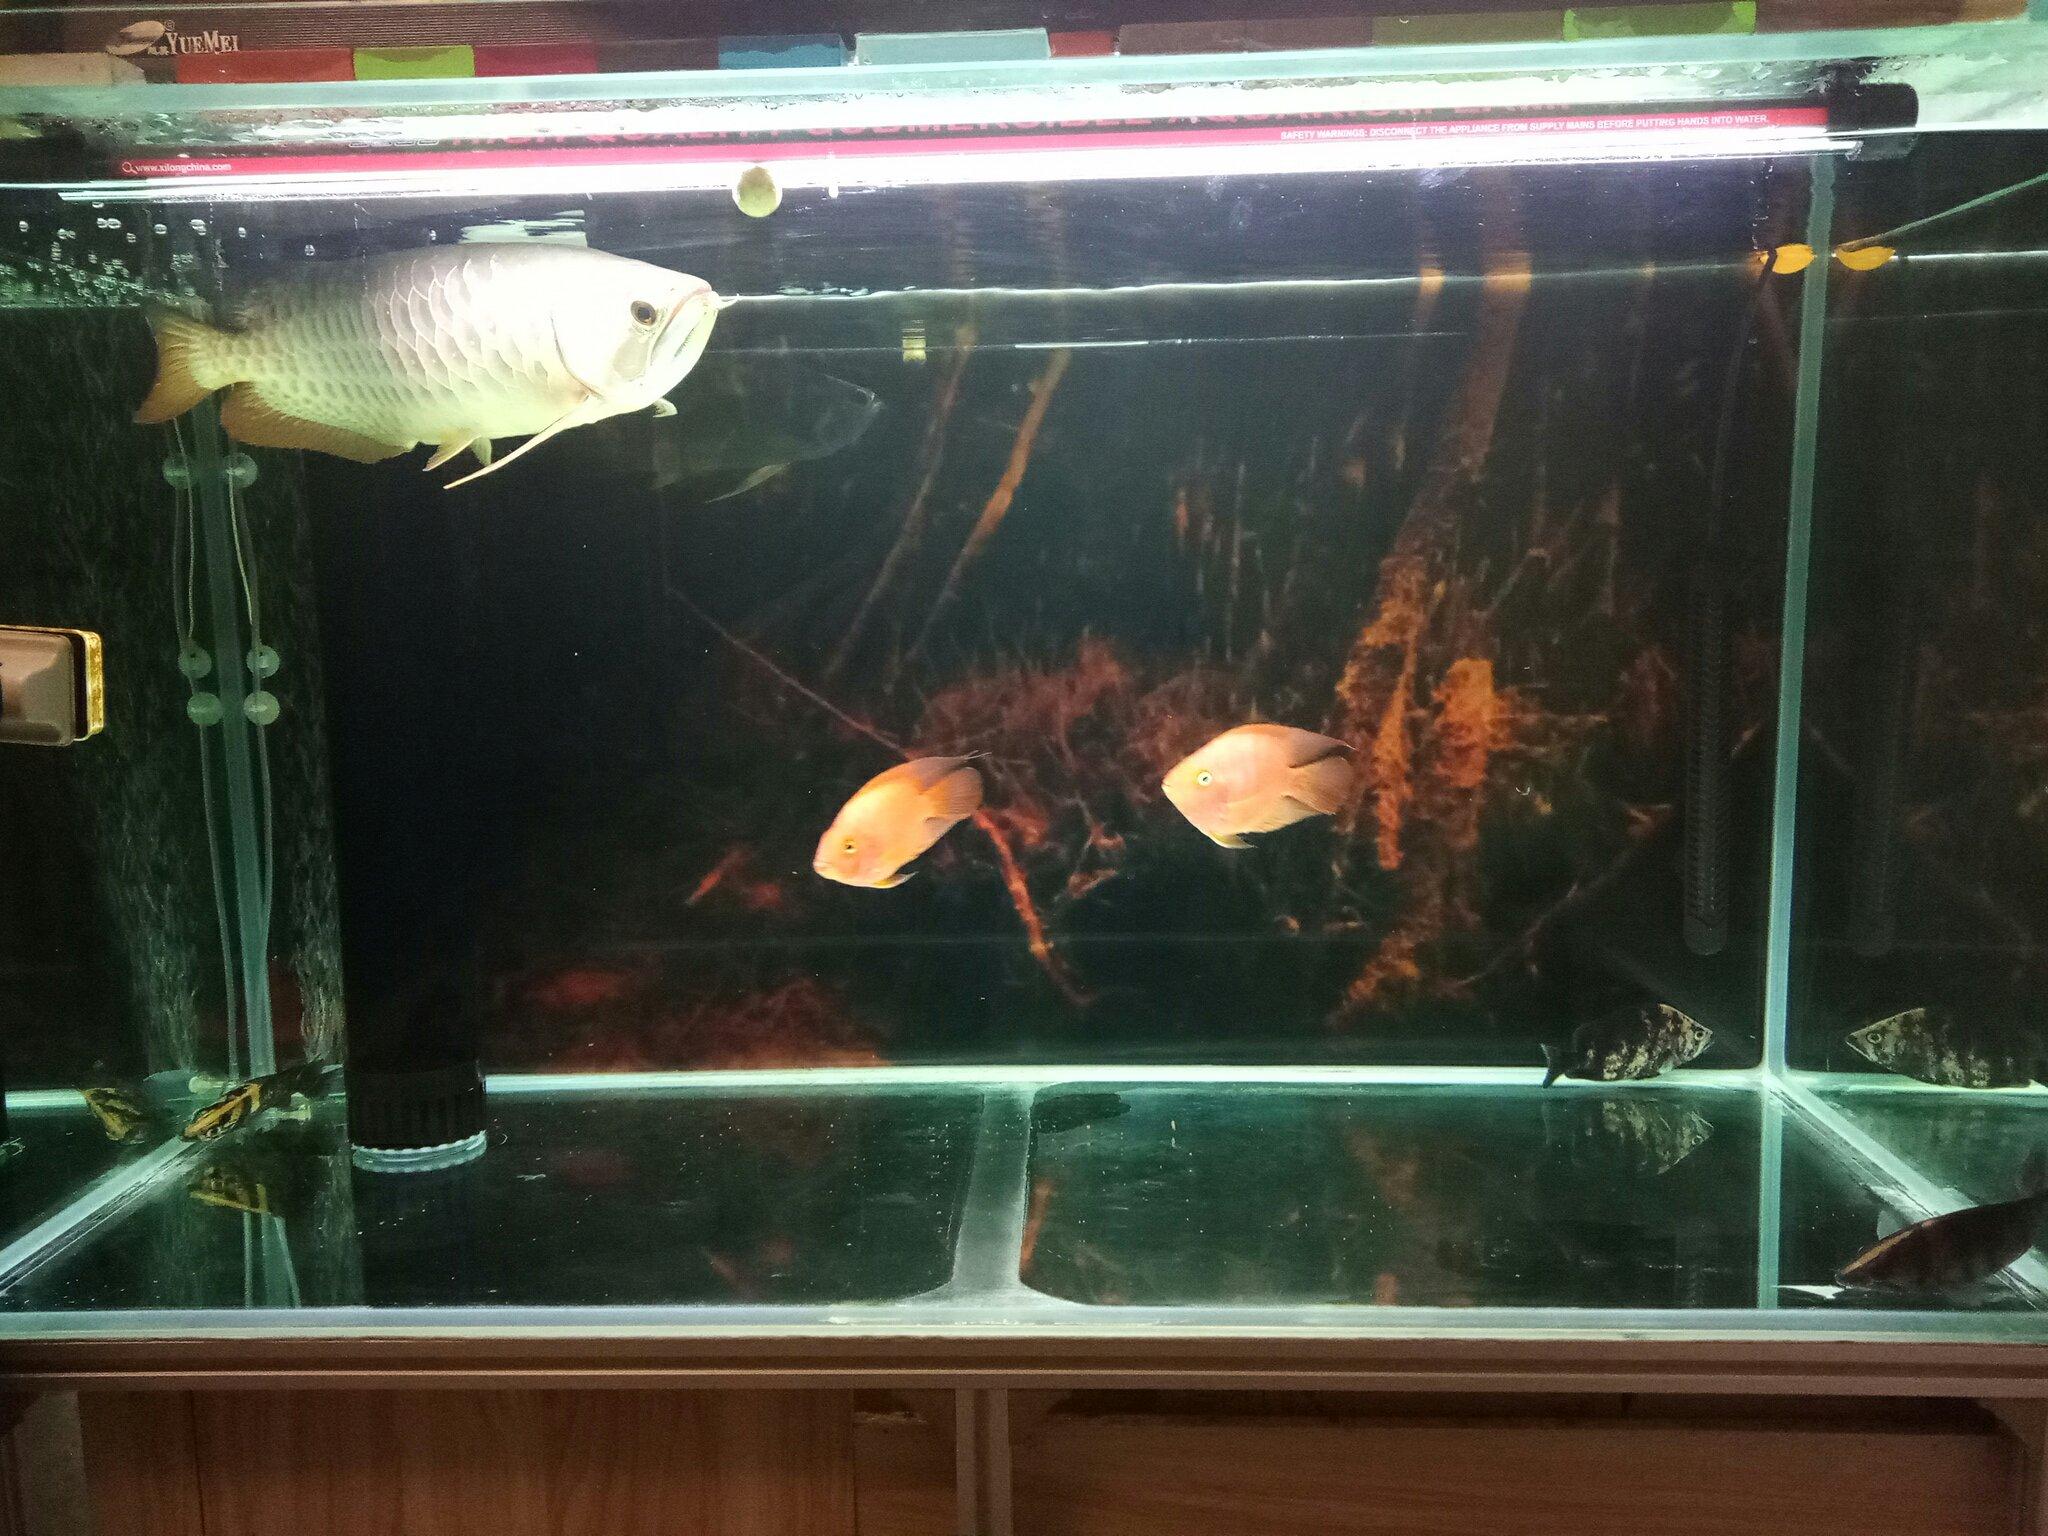 【西安黑白皇冠魟鱼饲养】让你们活多几天 西安观赏鱼信息 西安博特第3张